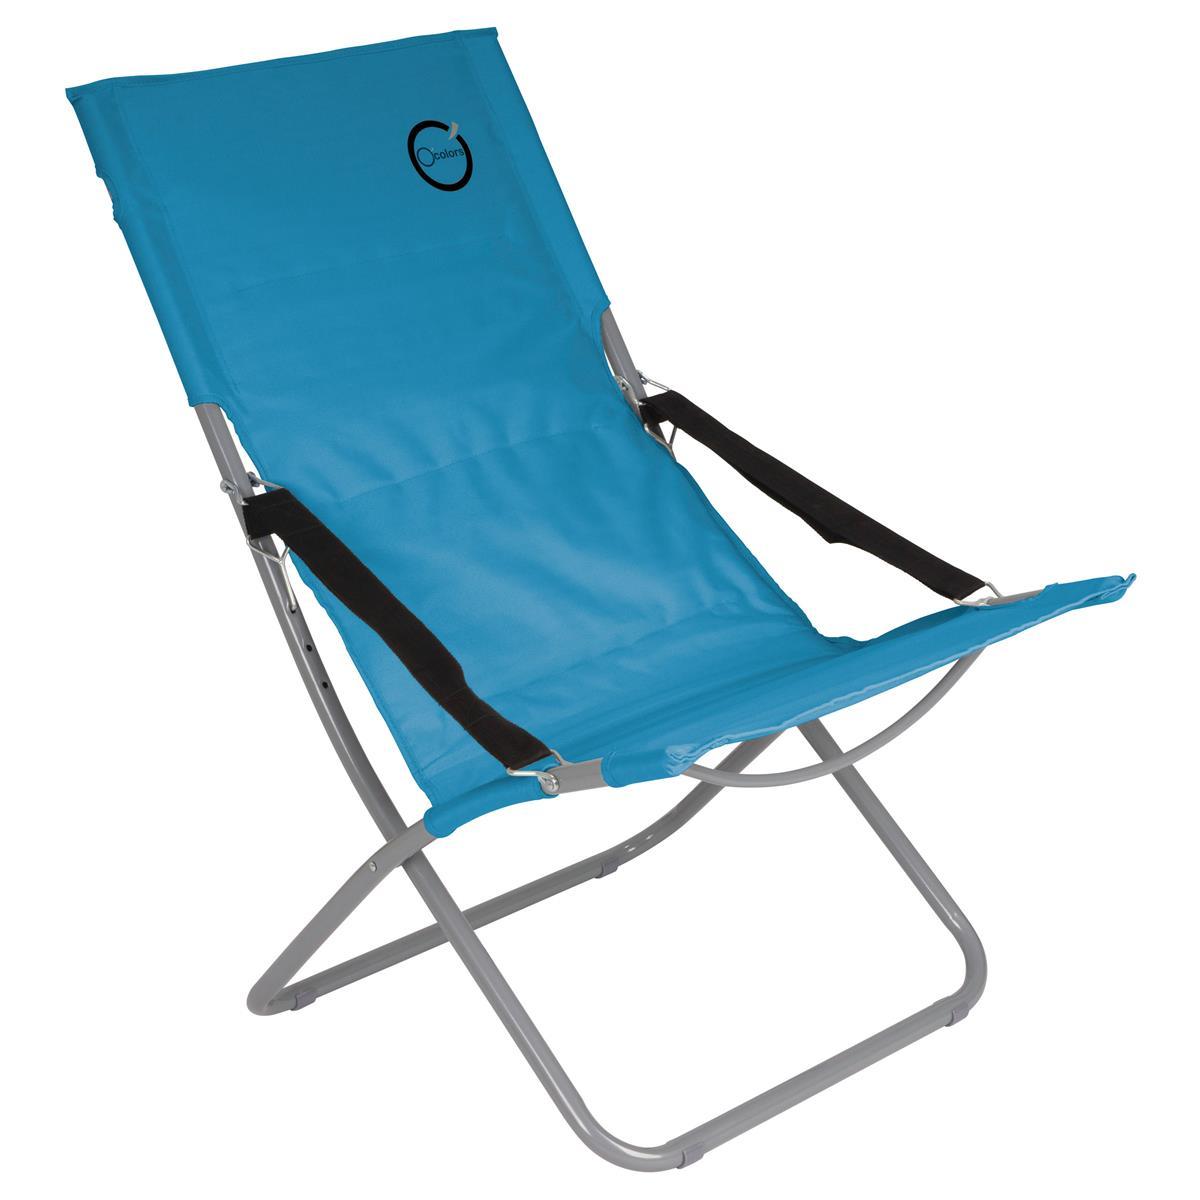 Camping Stuhl Türkis klappbar Stahlrohr Gartenstuhl bis 110 kg Sessel Garten